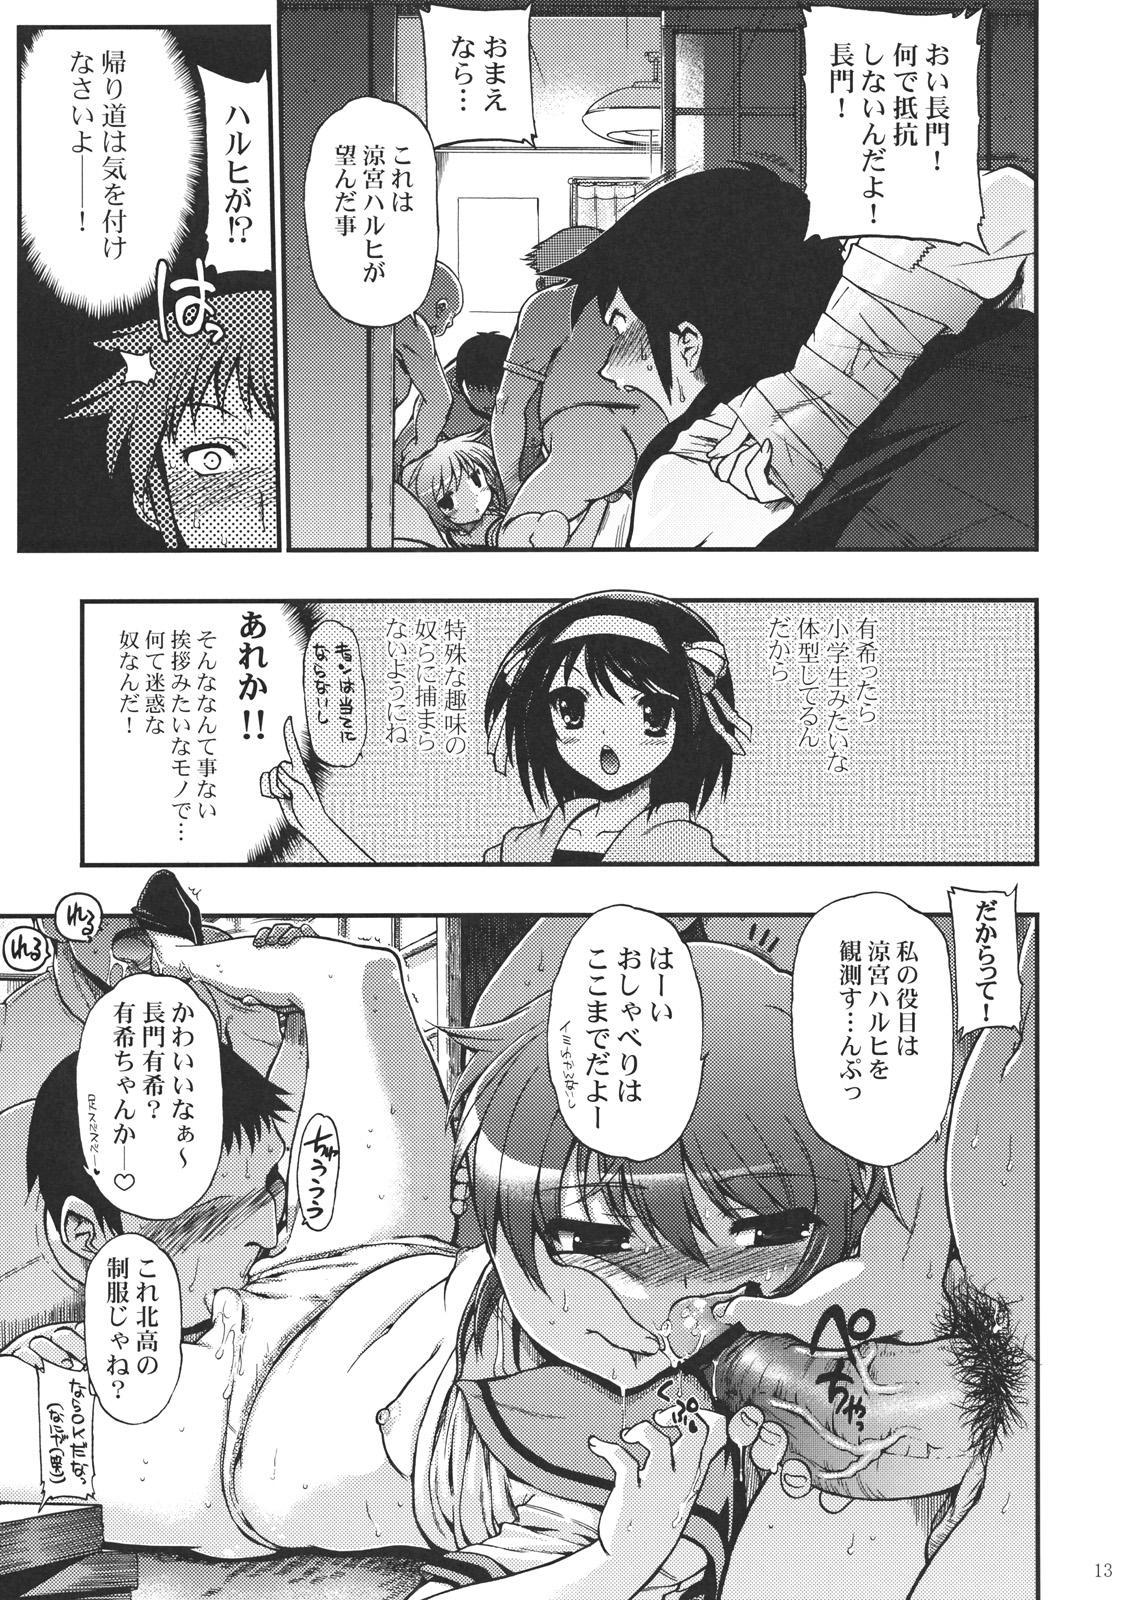 15513 Kaime no Nagato Yuki 11